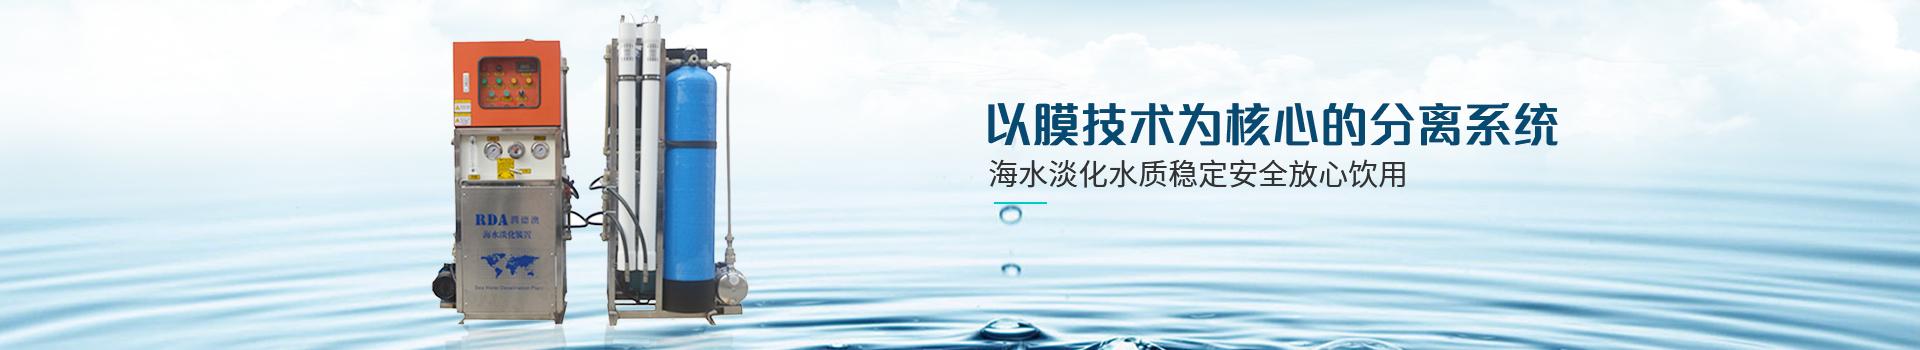 润德澳-以膜技术为核心的分离系统,海水淡化水质稳定,安全放心饮用